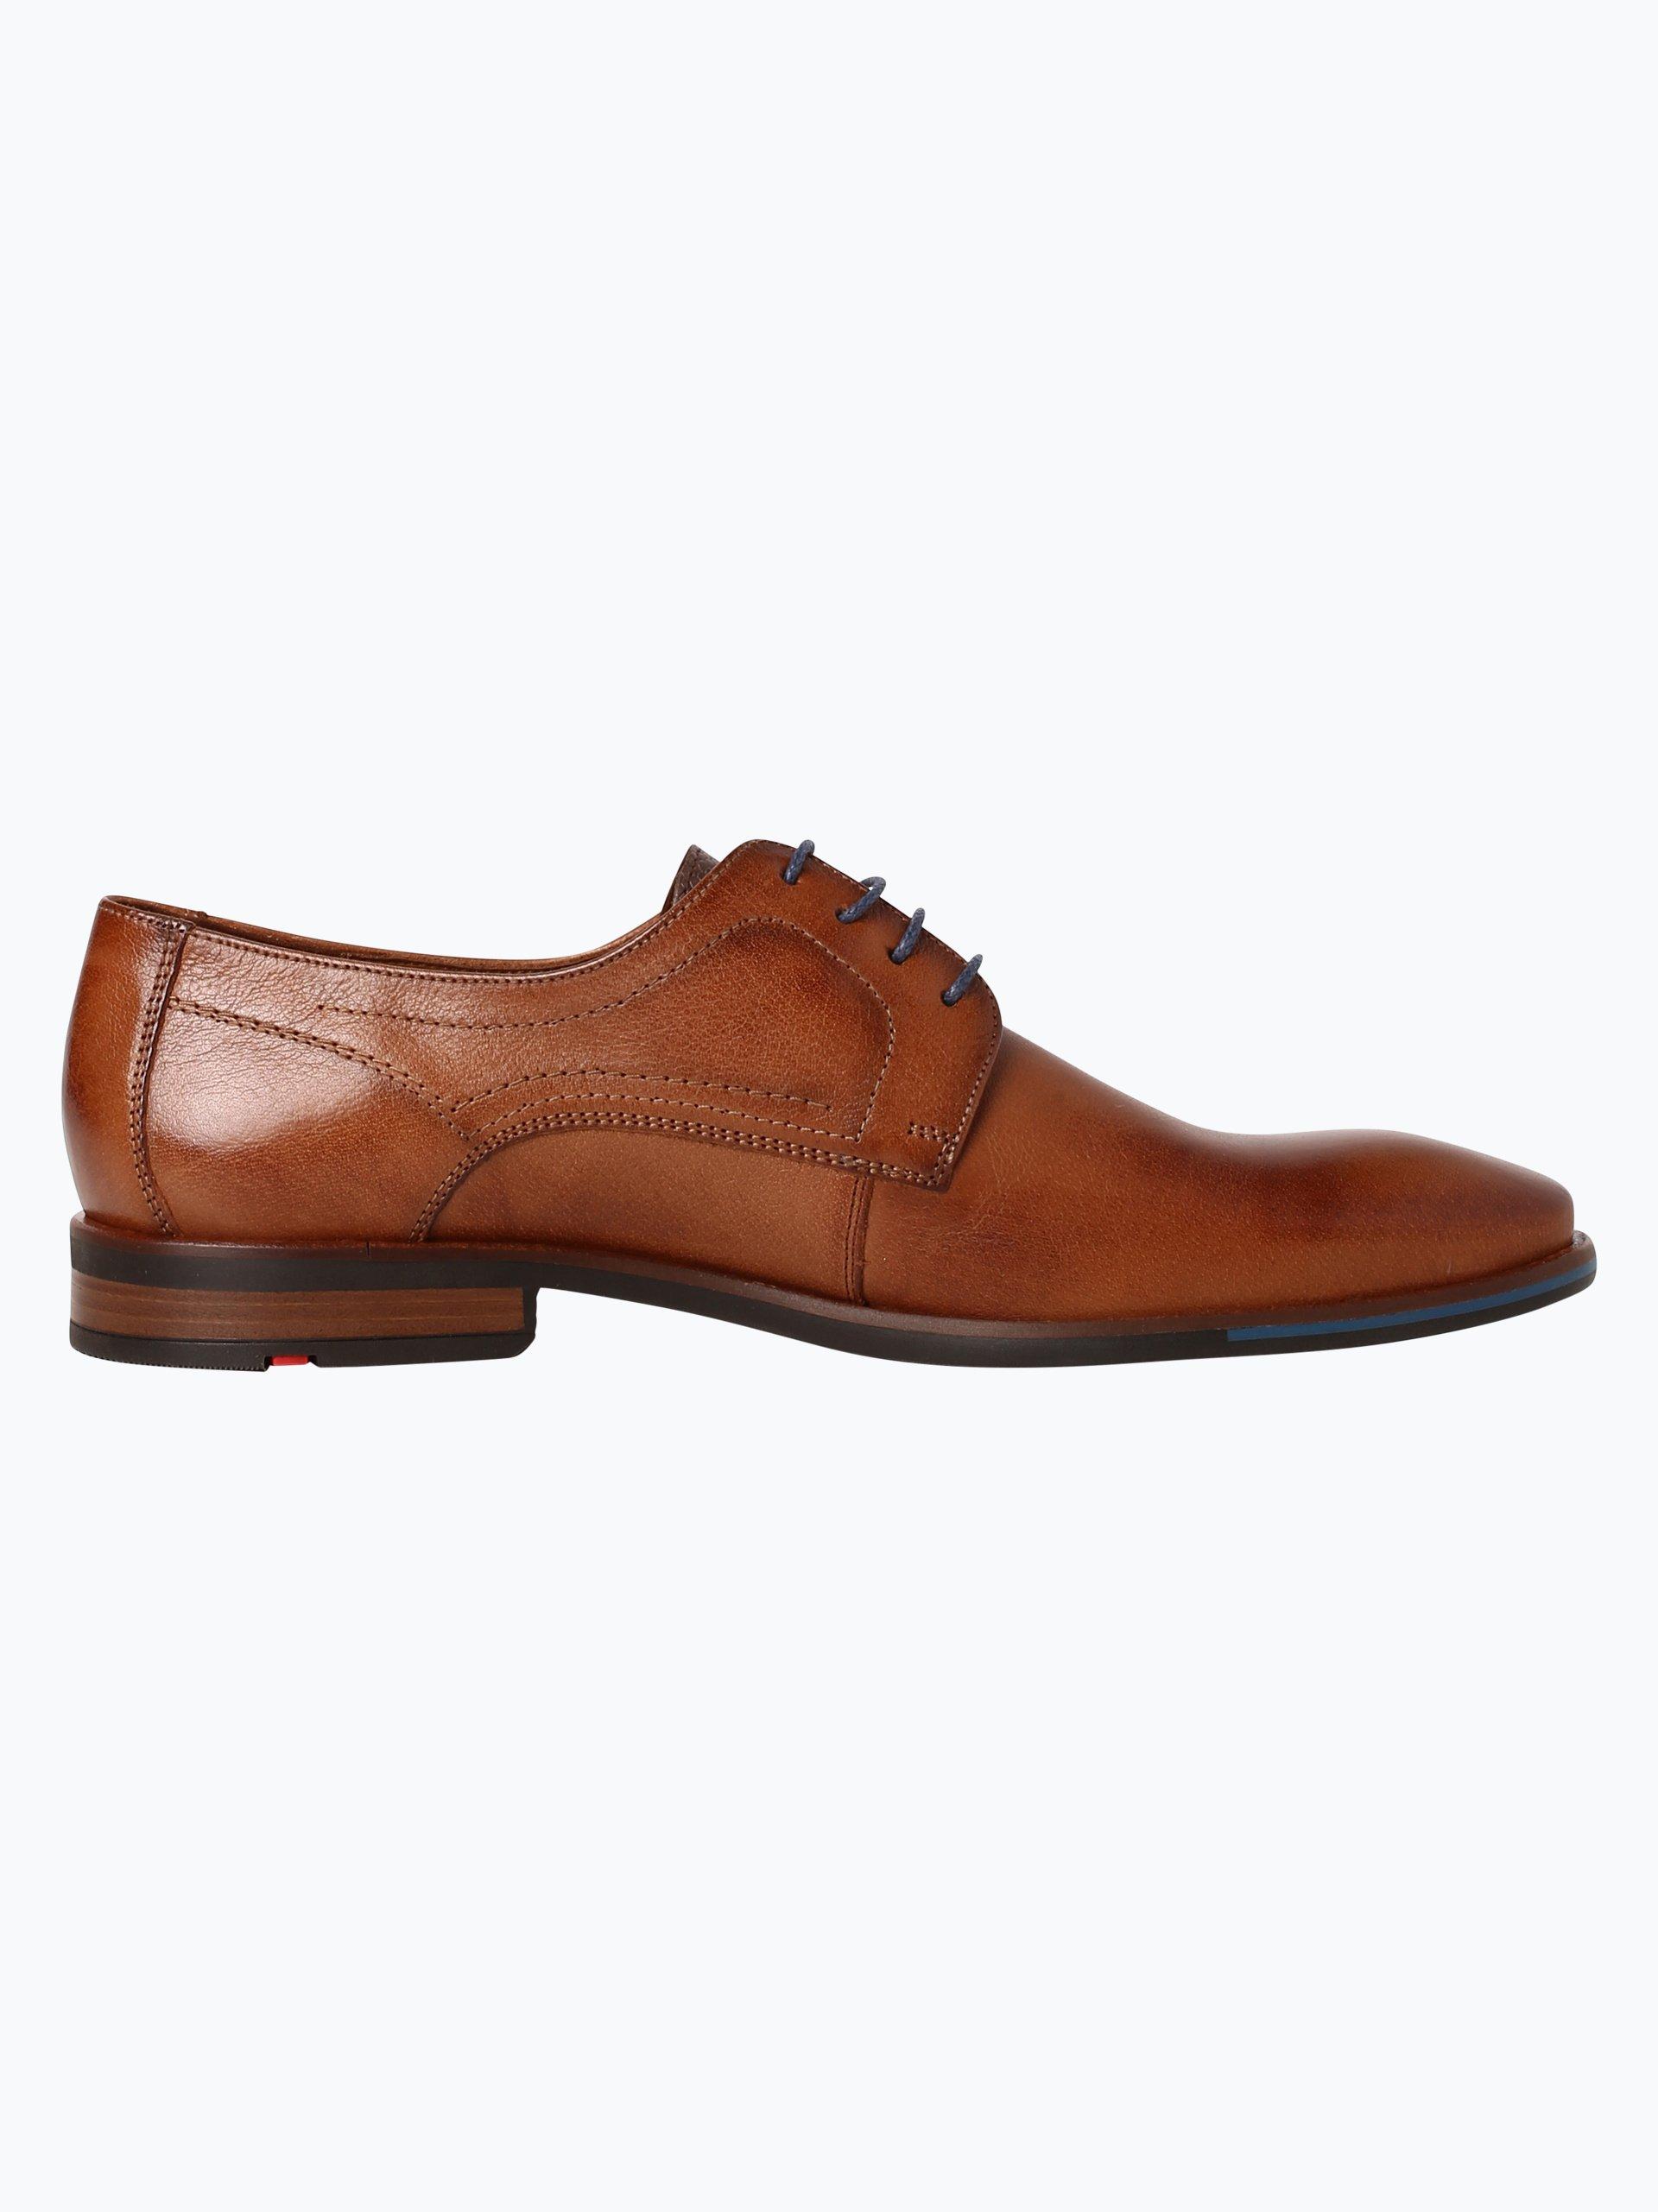 Lloyd Męskie buty sznurowane ze skóry – Don